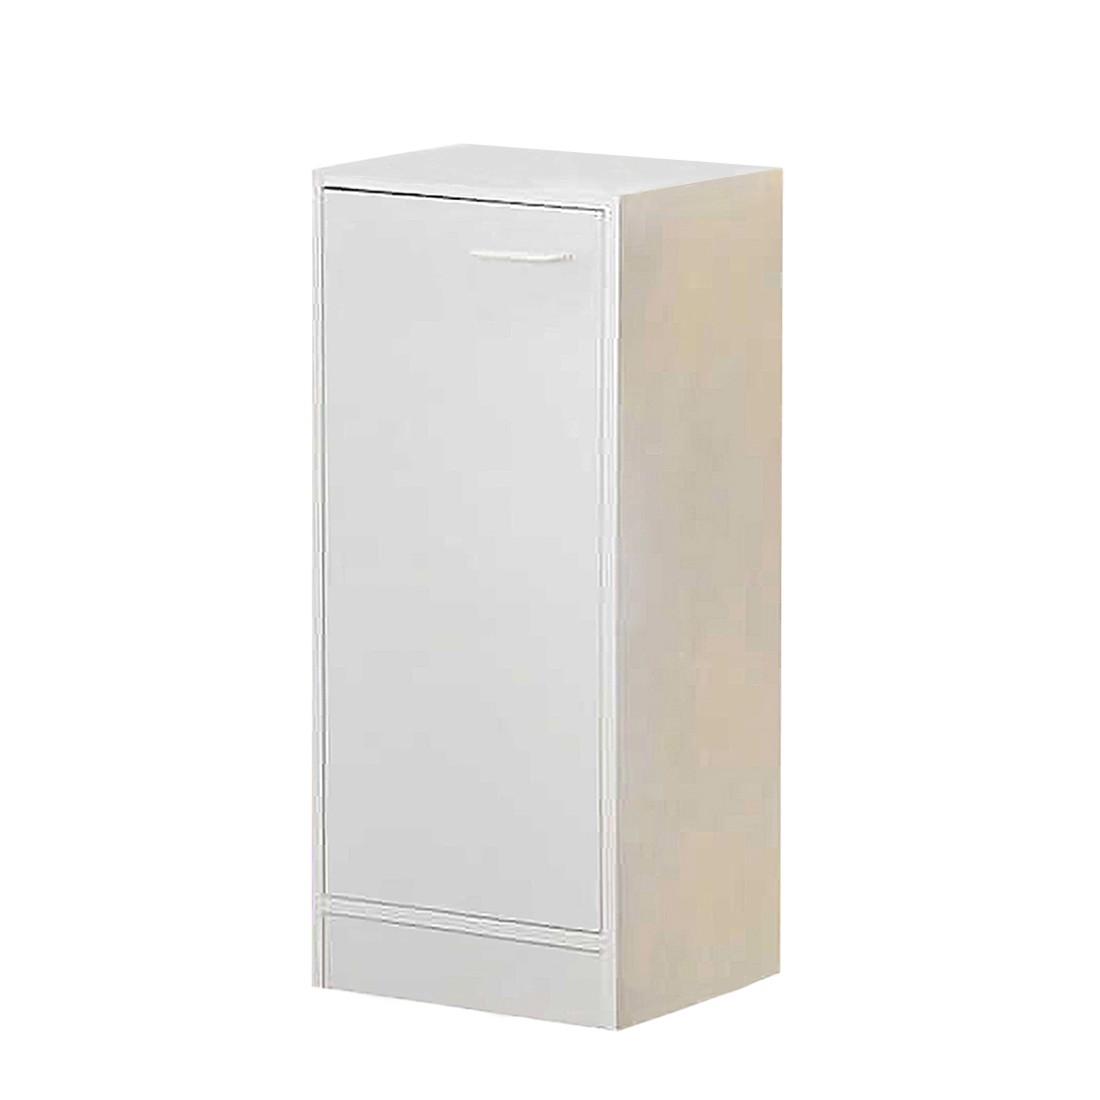 Unterschrank Edmonton - verschiedene Varianten - weiß  (2-türig mit 2 Schubladen - 67cm)